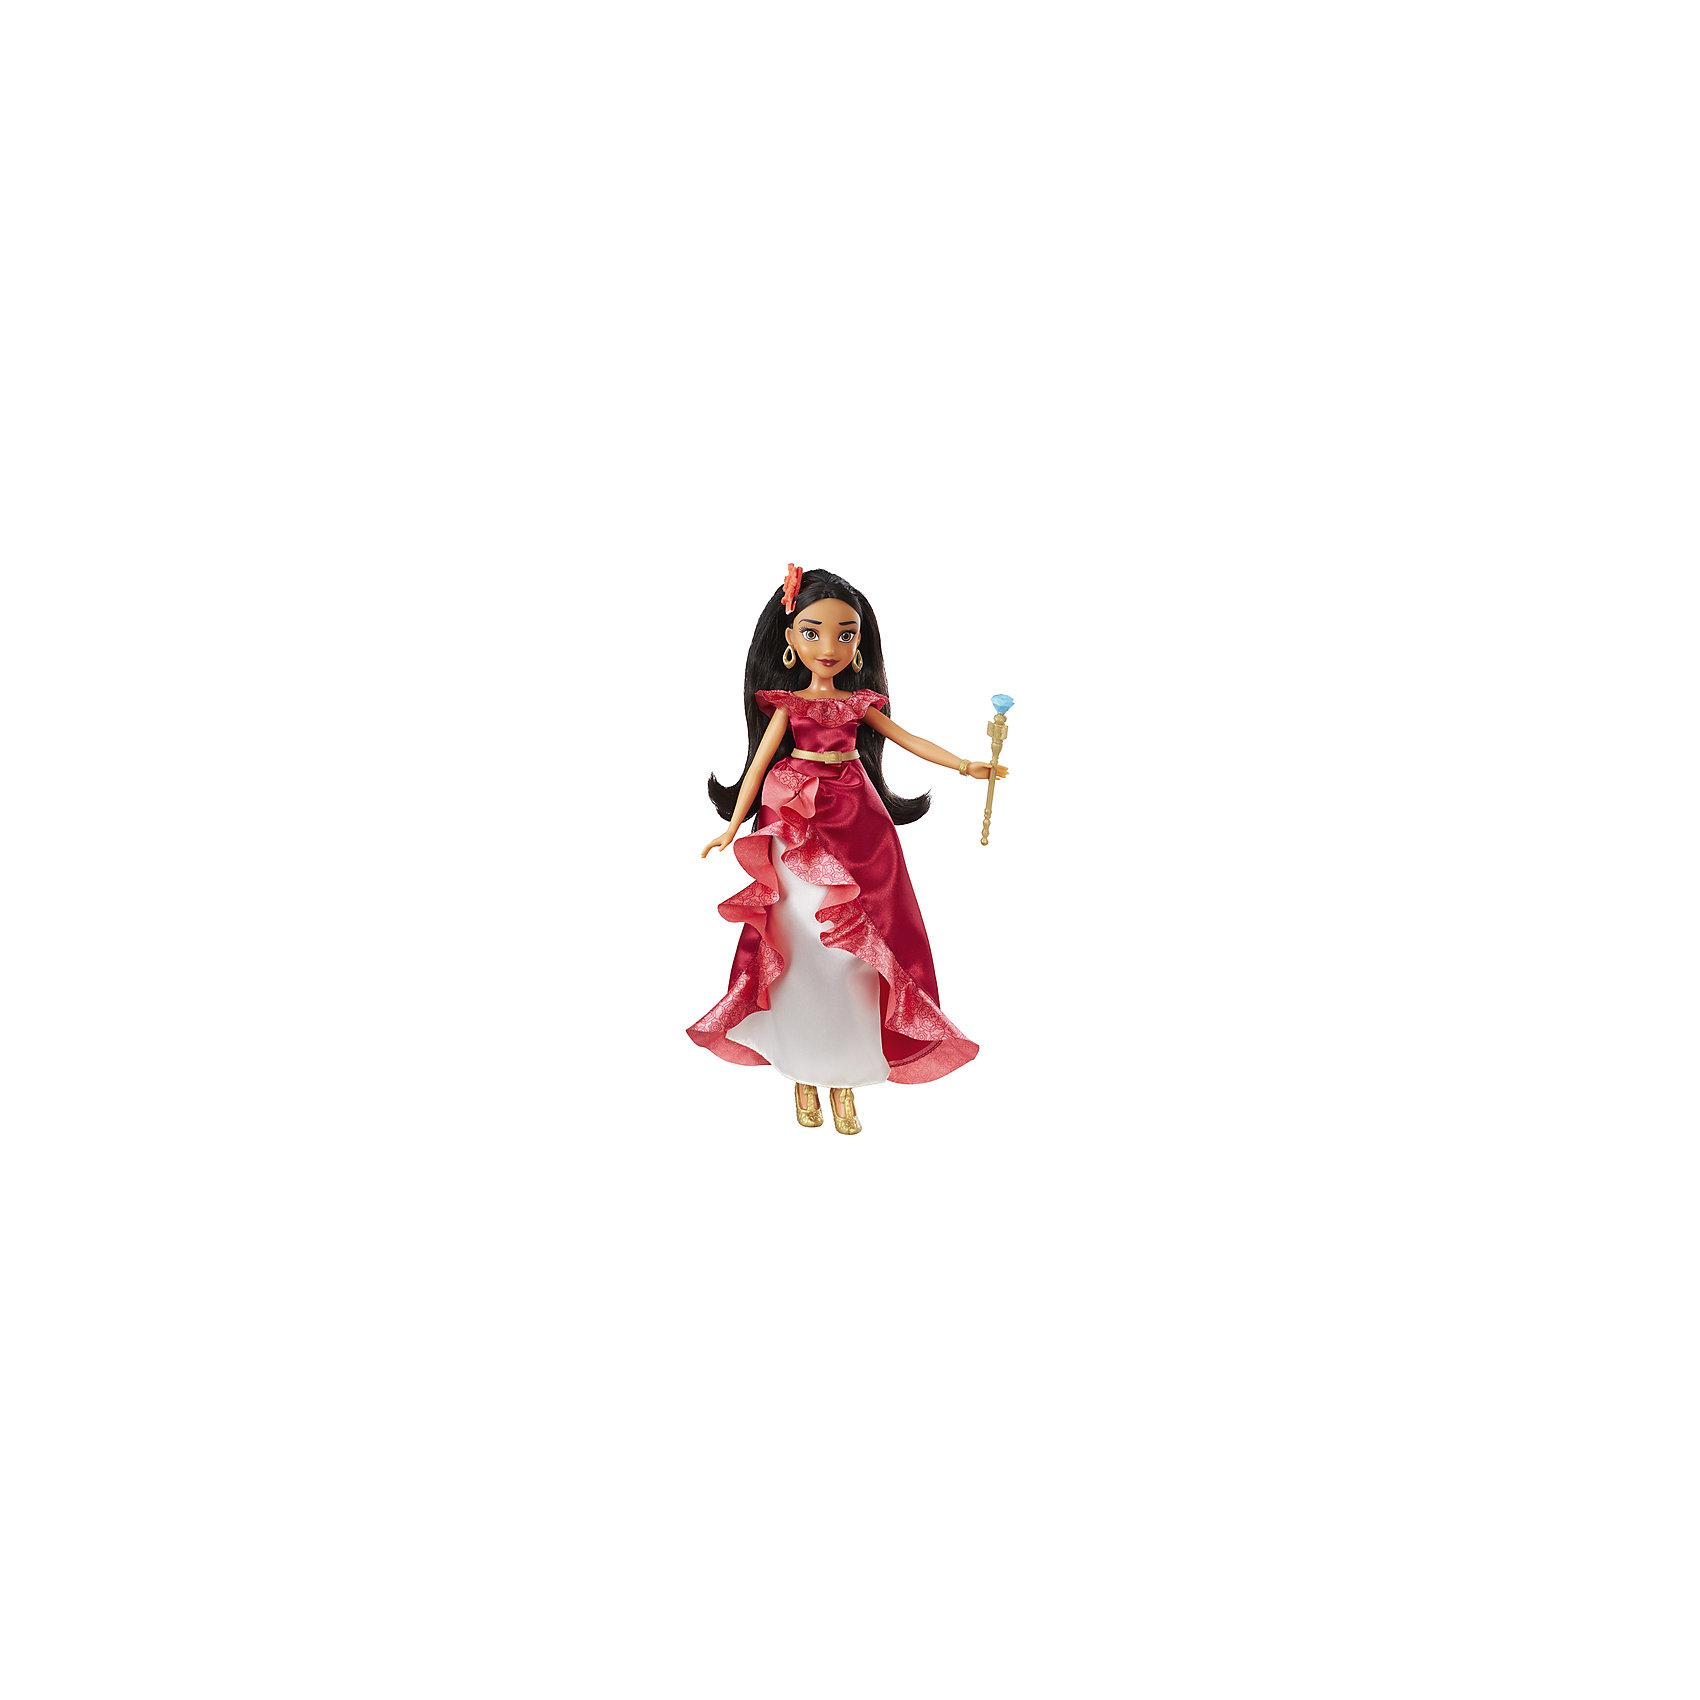 Кукла Принцессы Дисней Hasbro, Елена из АвалорИдеи подарков<br>Характеристики:<br><br>• возраст: от 3 лет;<br>• материал: пластик, текстиль;<br>• в комплекте: кукла, аксессуары;<br>• размер упаковки: 33,2х21,8х15,7 см;<br>• вес упаковки: 238 гр.;<br>• страна производитель: Китай.<br><br>Классическая модная кукла «Елена из Авалор» Принцессы Дисней Hasbro — героиня мультсериала Дисней. Елена одета в алое платье и золотистые туфельки. У нее выразительные глаза, длинные темные волосы, украшенные цветком, а в руках Елена держит скипетр. Кукла выполнена из качественных материалов.<br><br>Классическую модную куклу «Елена из Авалор» Принцессы Дисней Hasbro можно приобрести в нашем интернет-магазине.<br><br>Ширина мм: 327<br>Глубина мм: 149<br>Высота мм: 55<br>Вес г: 194<br>Возраст от месяцев: 36<br>Возраст до месяцев: 2147483647<br>Пол: Женский<br>Возраст: Детский<br>SKU: 5129135